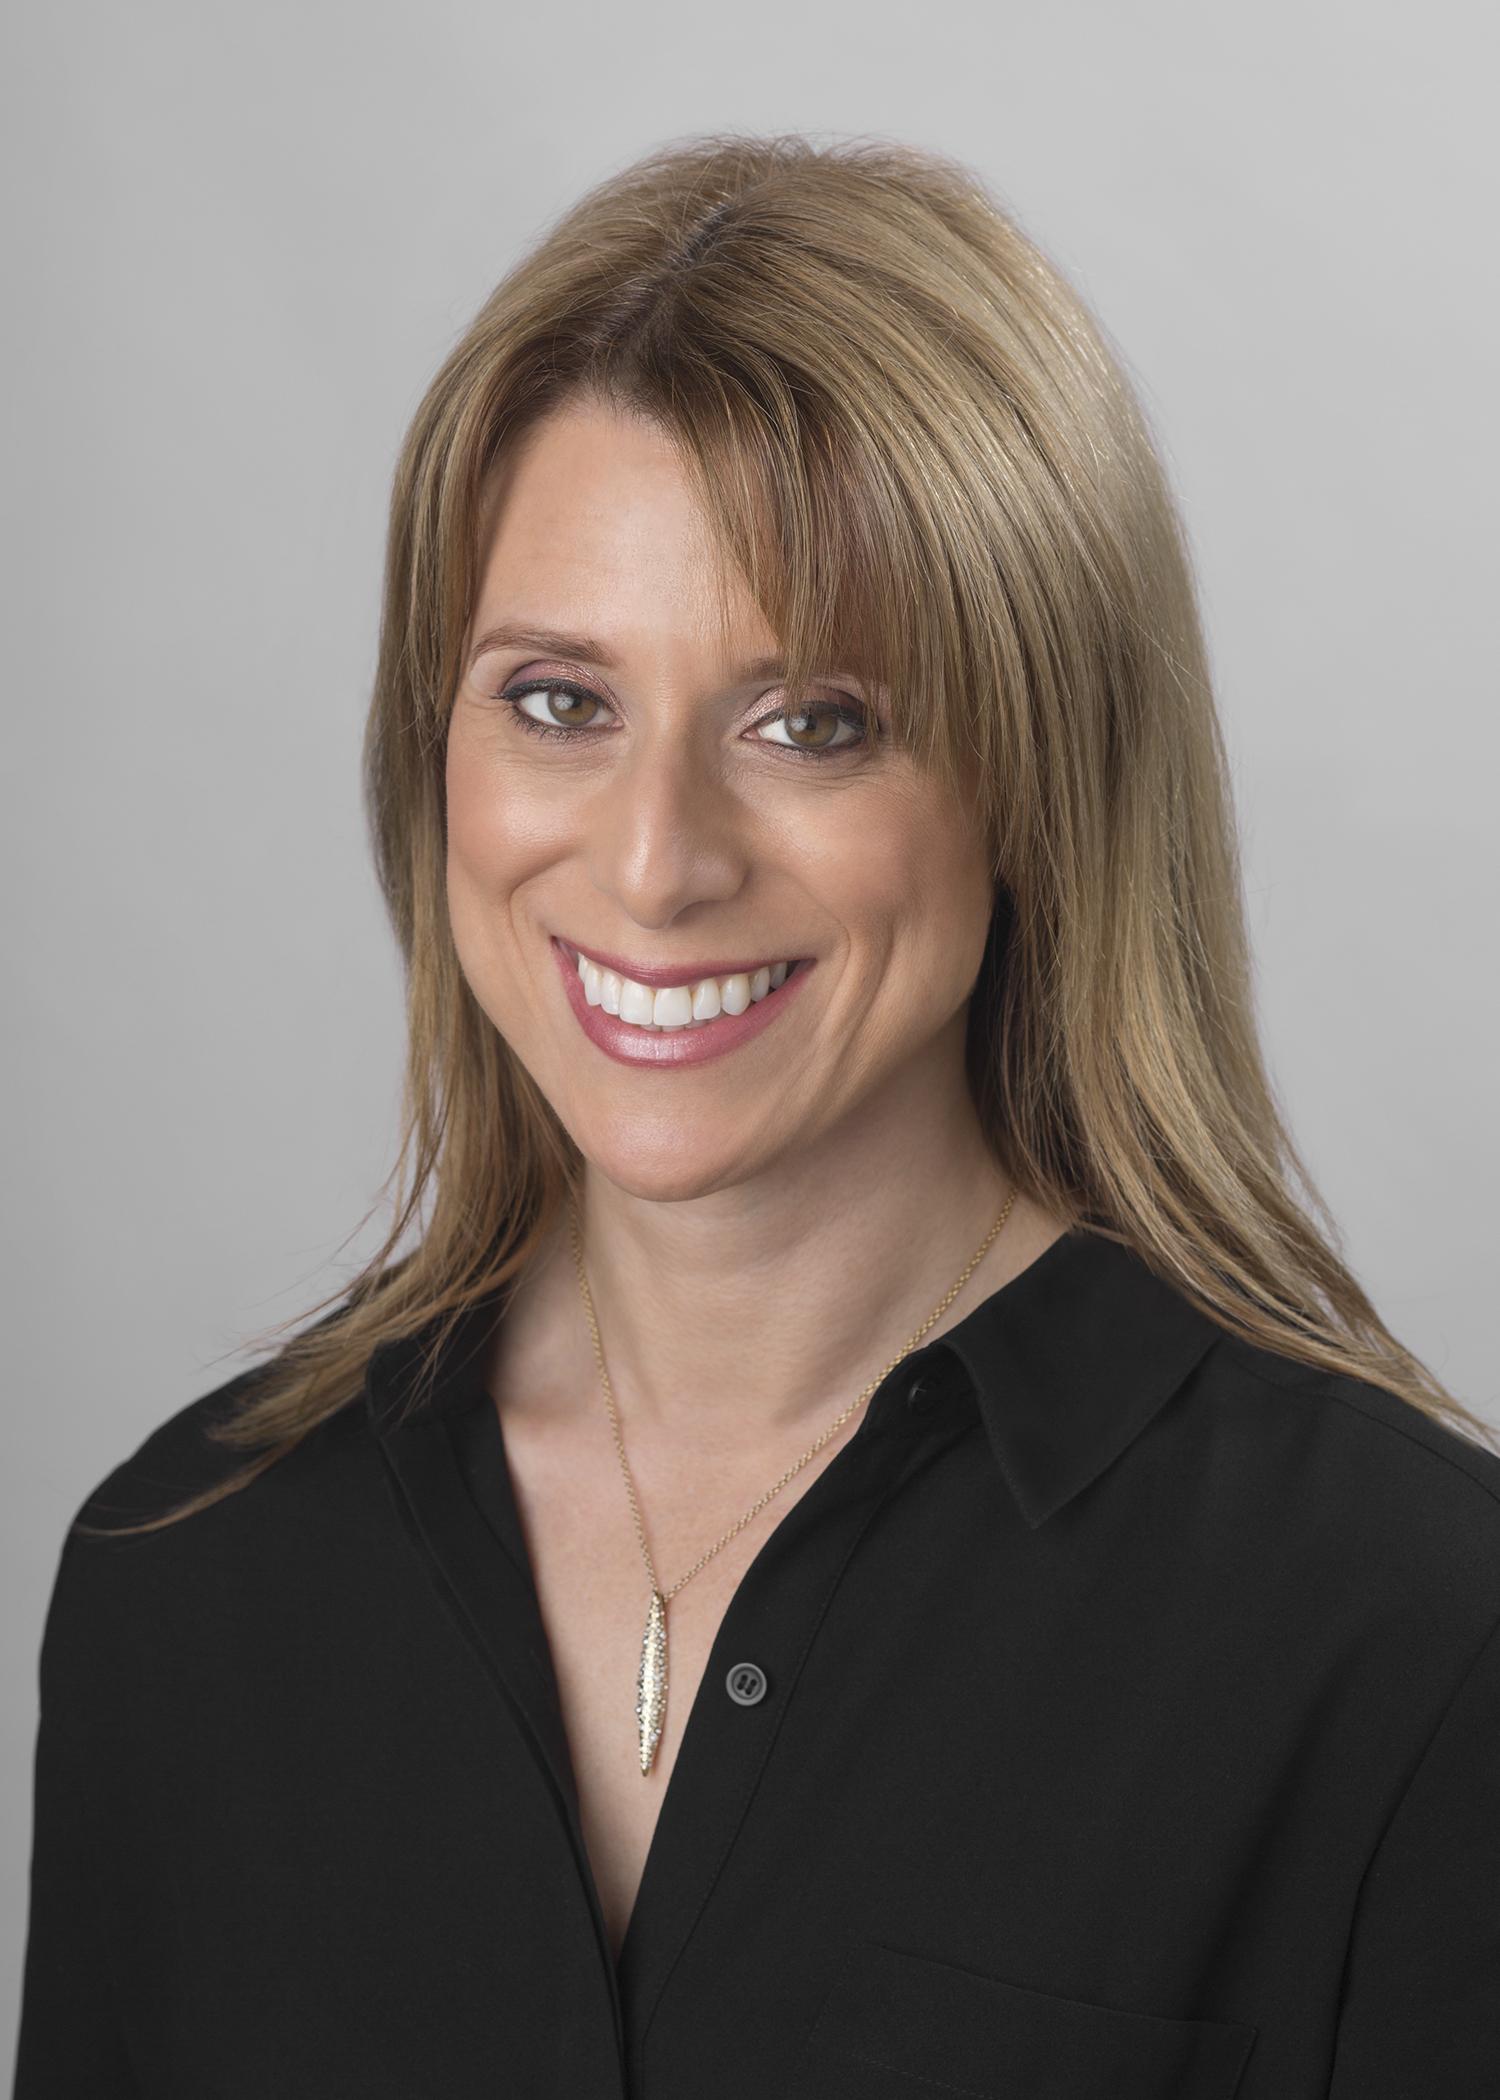 Jodi Lieberman